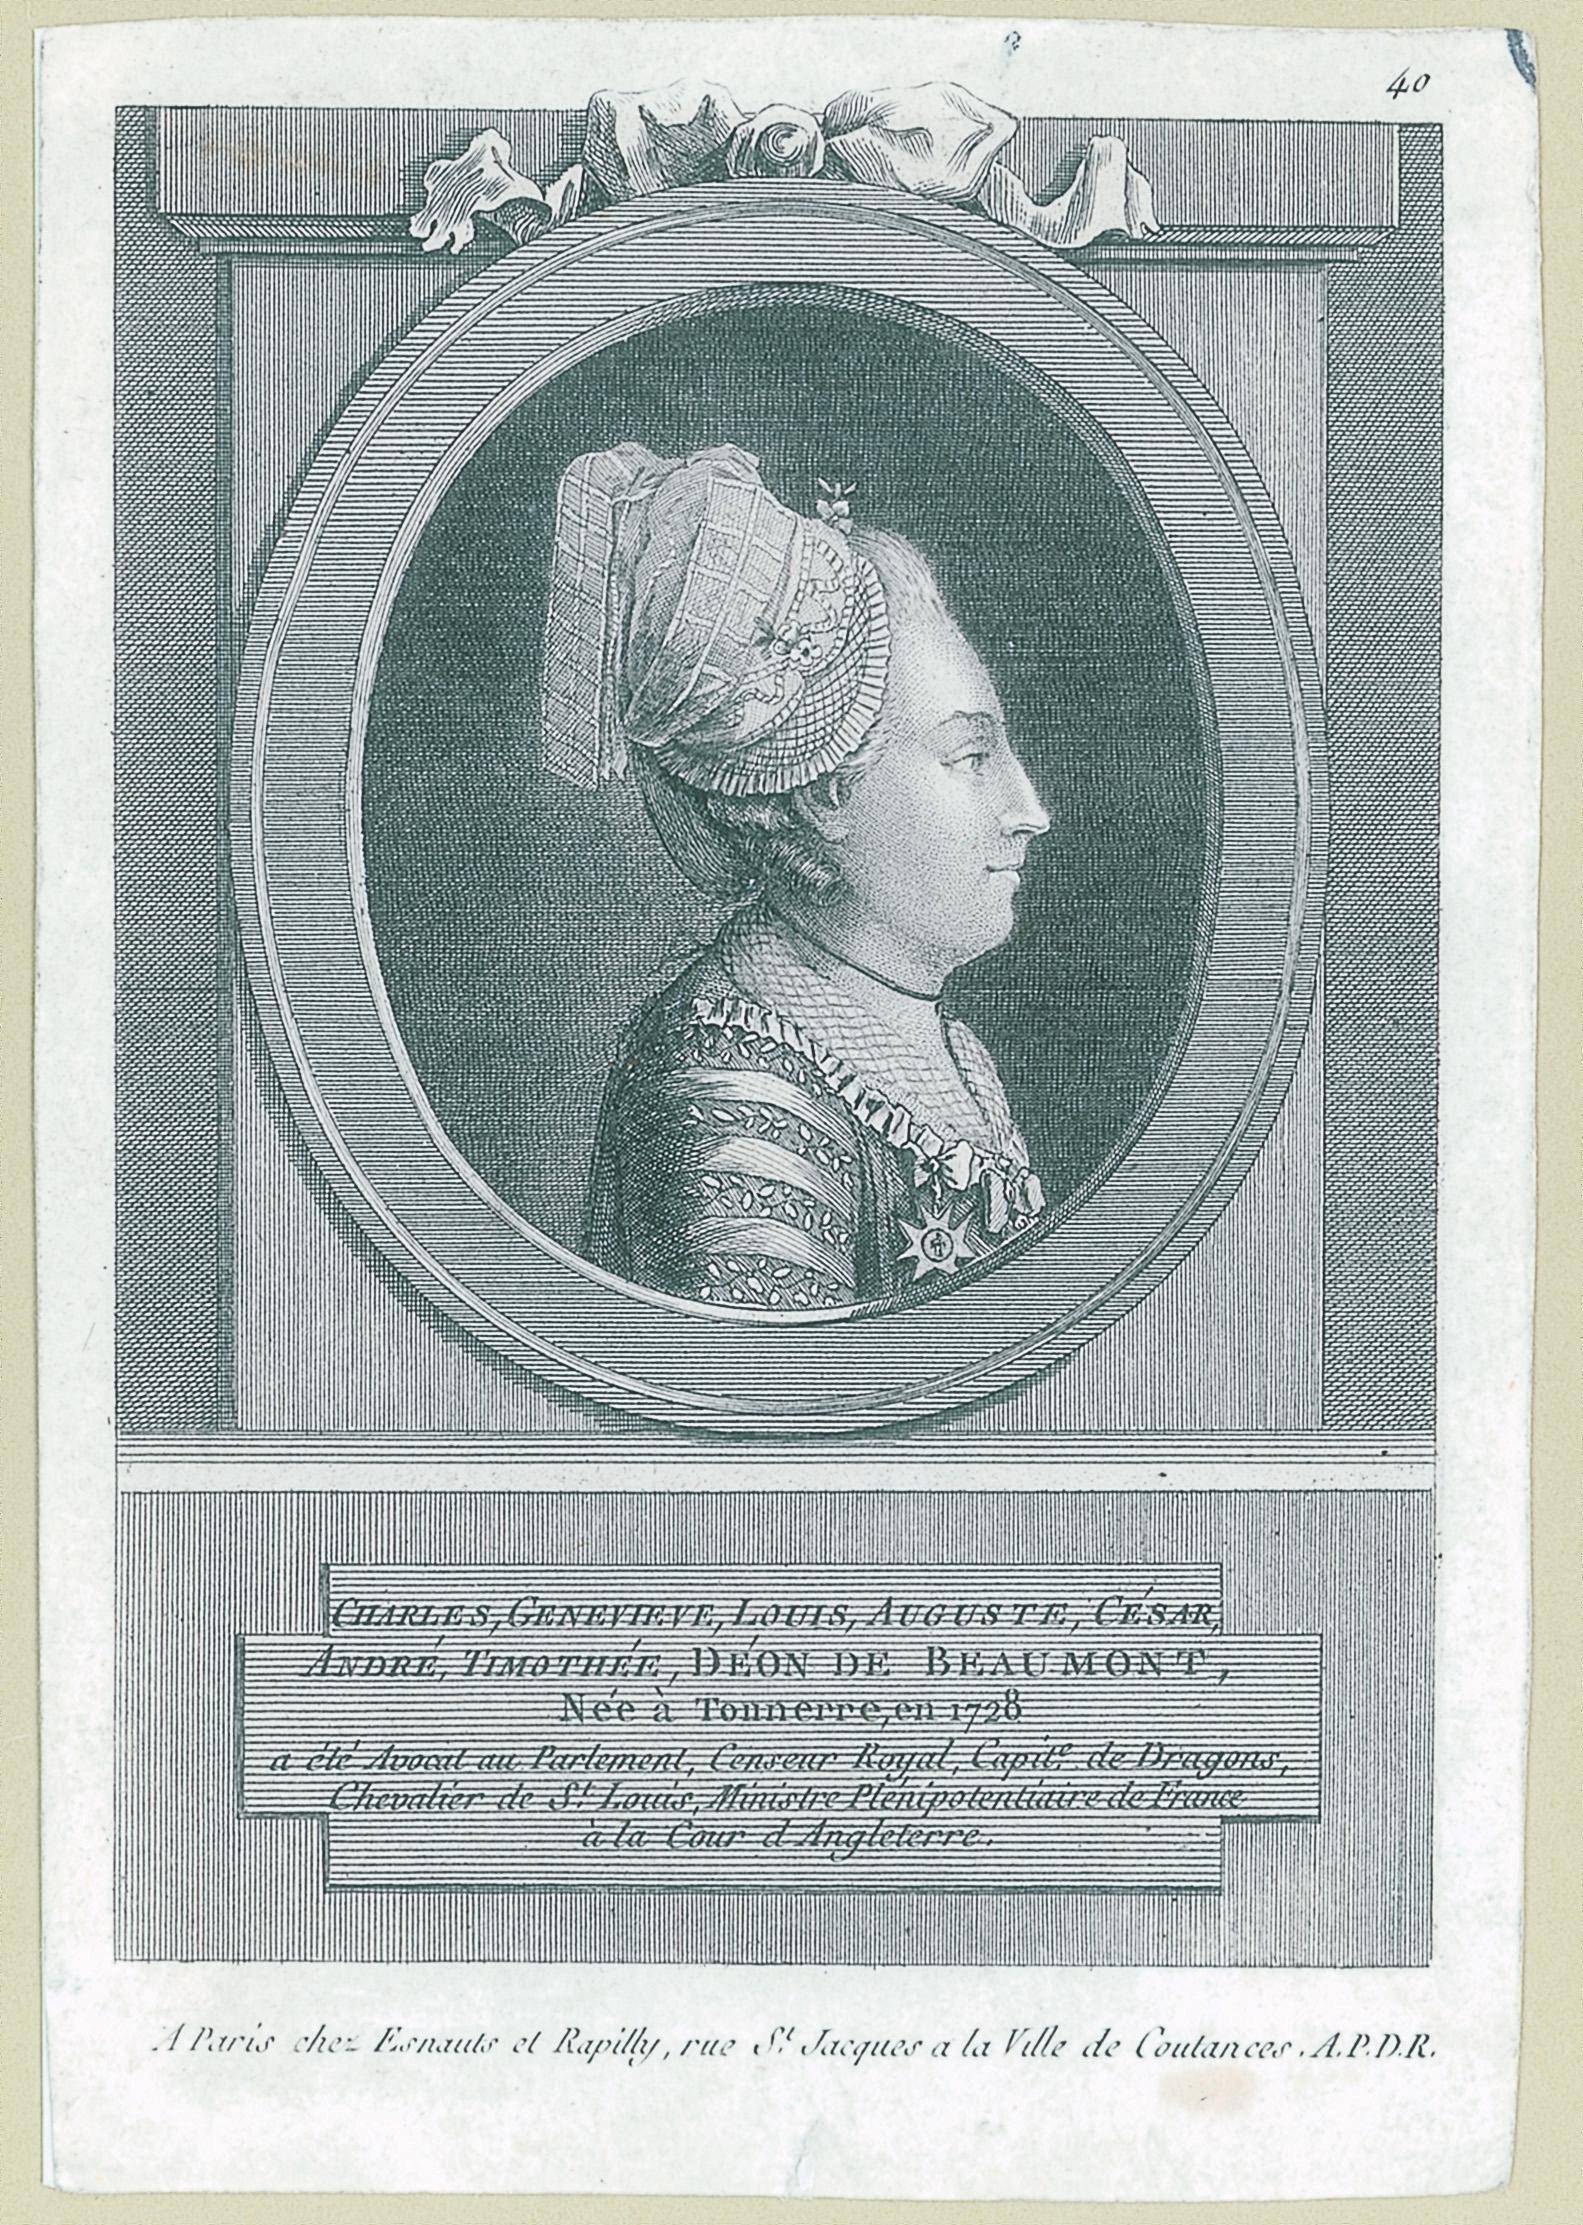 Mademoiselle_de_Beaumont,_chevalier_d'Éon_(1728-1810)